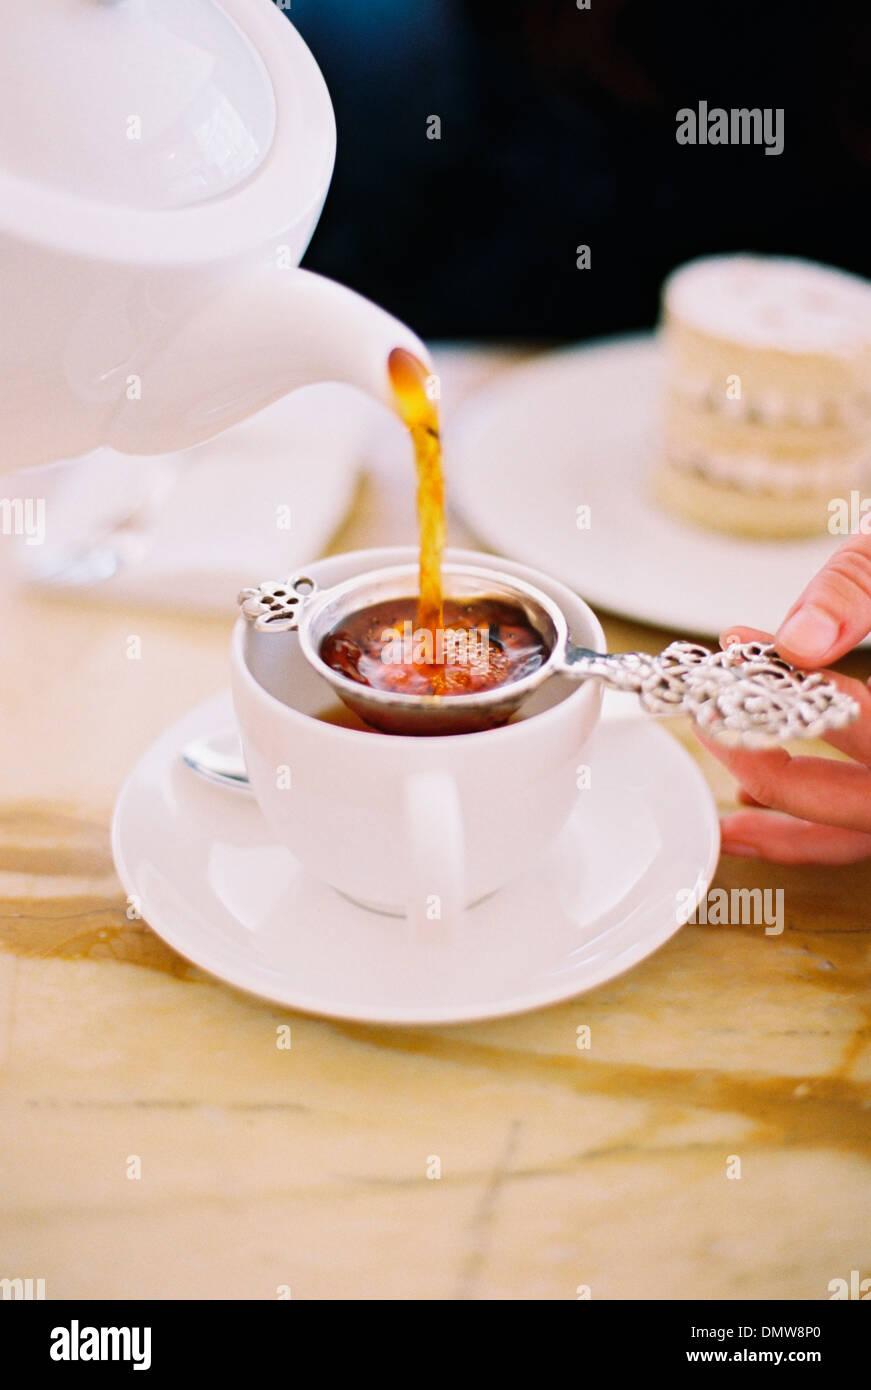 Una persona versando una tazza di tè con un colino. Porcellana Bianca. Elegante il tè del pomeriggio. Immagini Stock